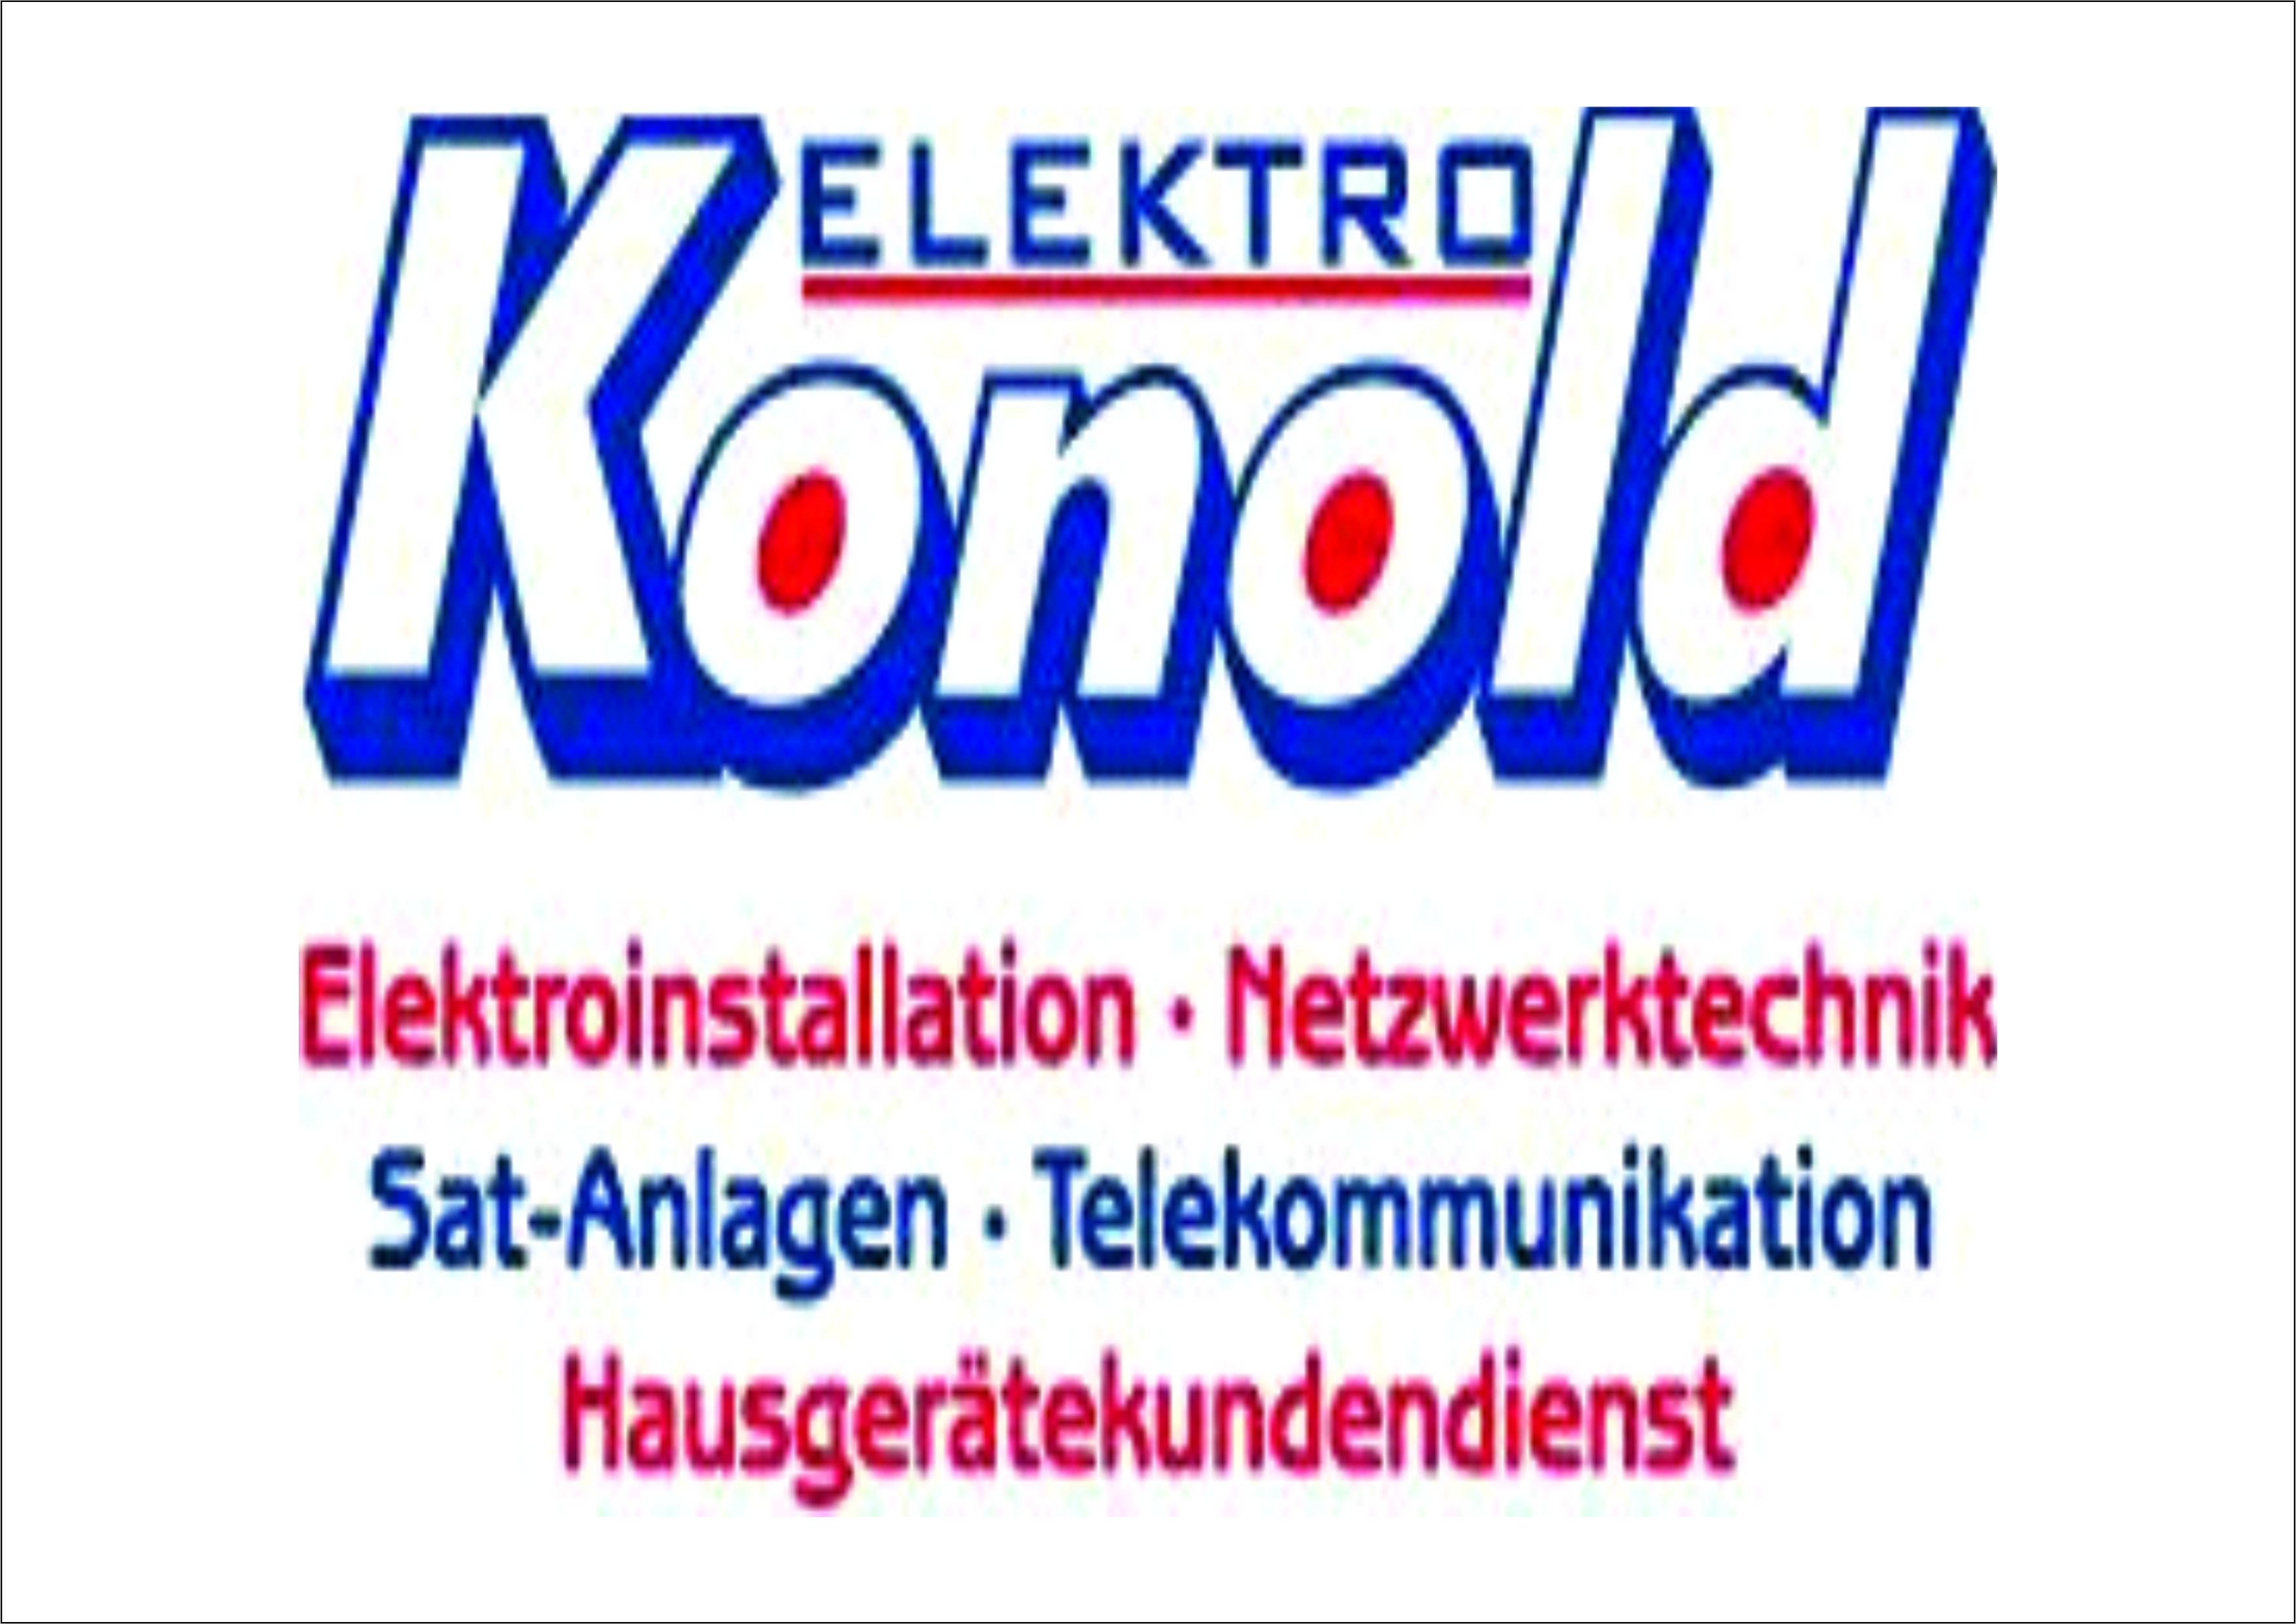 Elektro Konold